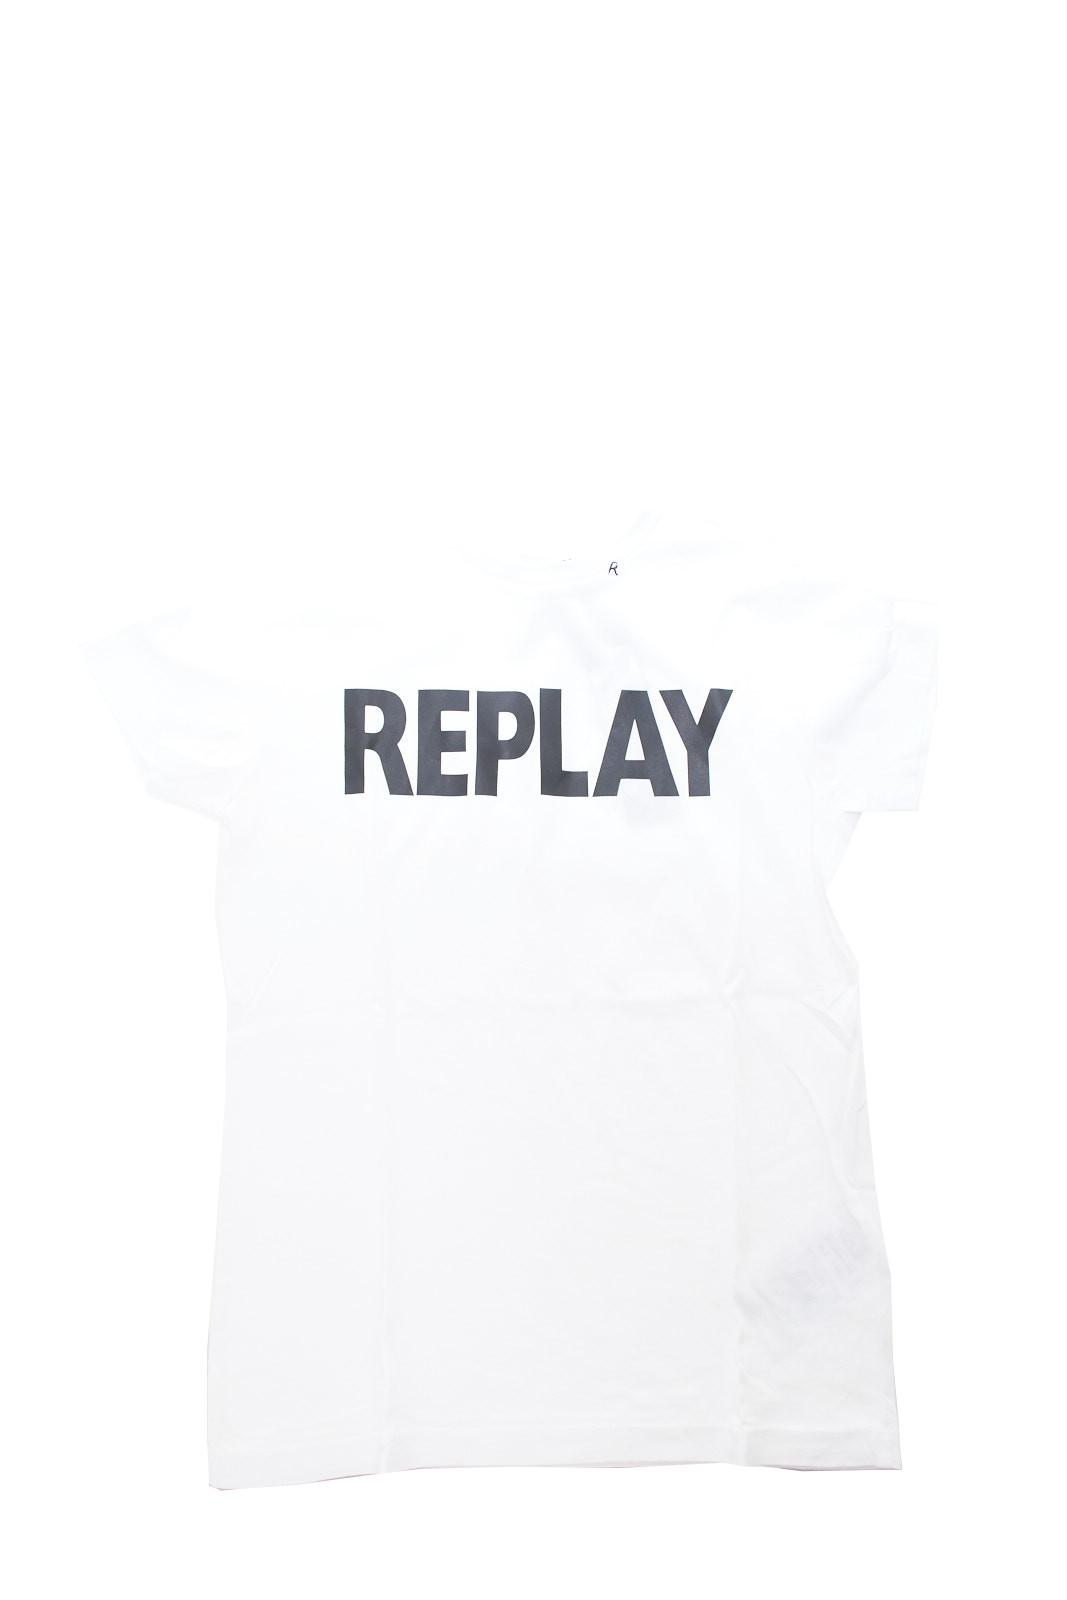 Una semplicità iconica e stilosa, quella di questa t shirt firmata Replay. Perfetta per look semplici e comodi, ma che non lasciano comunque nulla al caso.